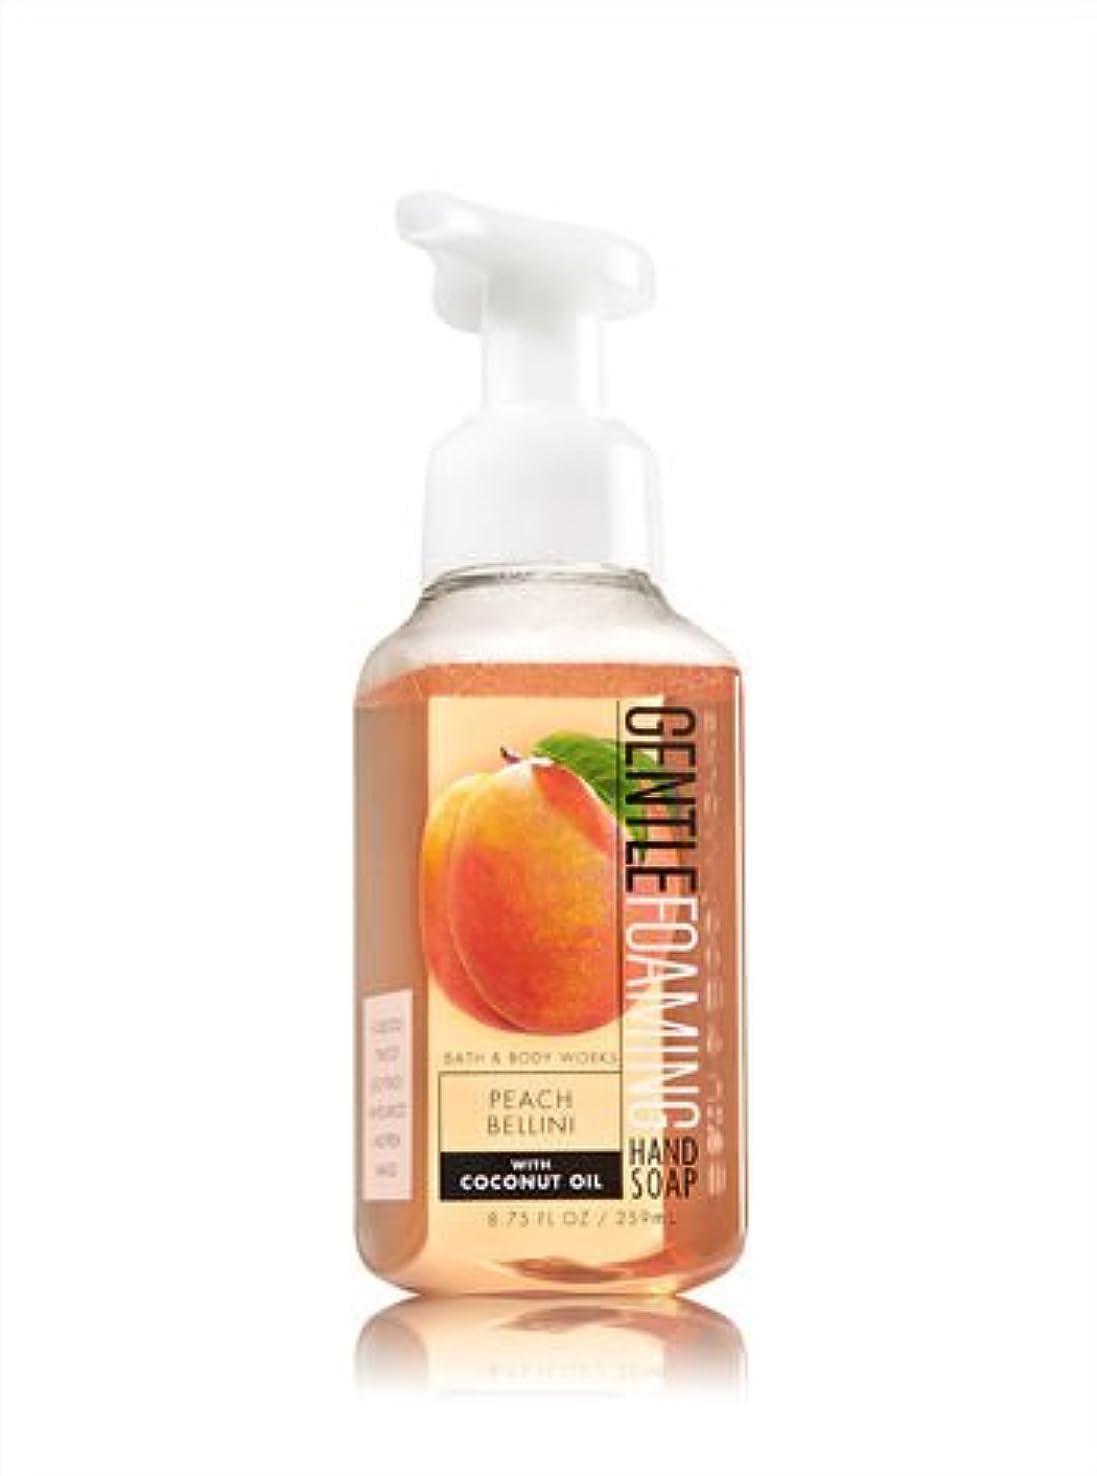 トロリーバス拒絶するセットアップバス&ボディワークス ピーチベリーニ ジェントル フォーミング ハンドソープ Peach Bellini Gentle Foaming Hand Soap [並行輸入品]